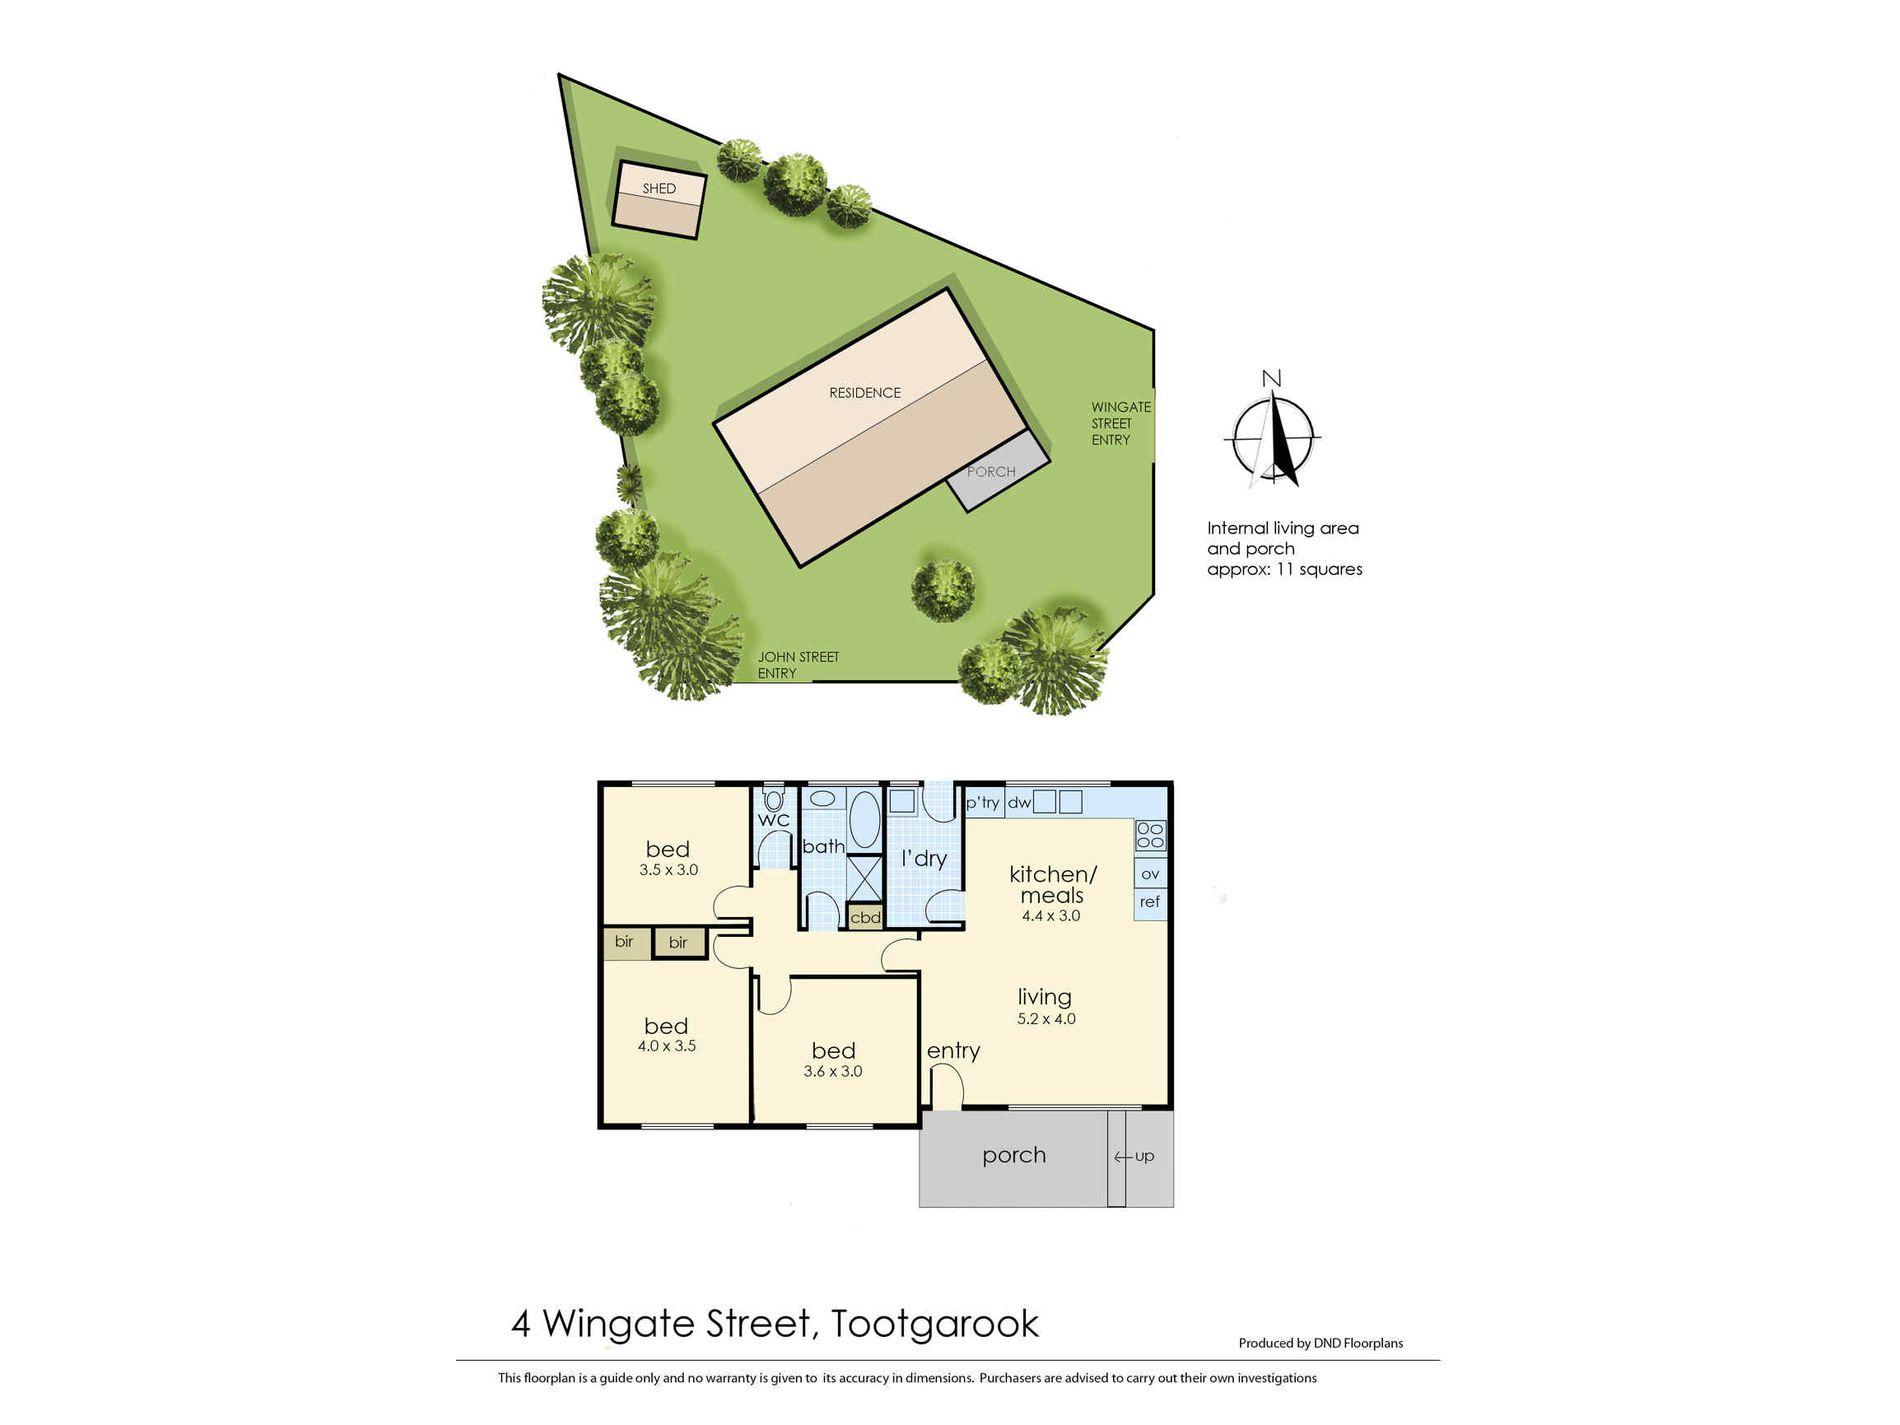 4 Wingate Street, Tootgarook